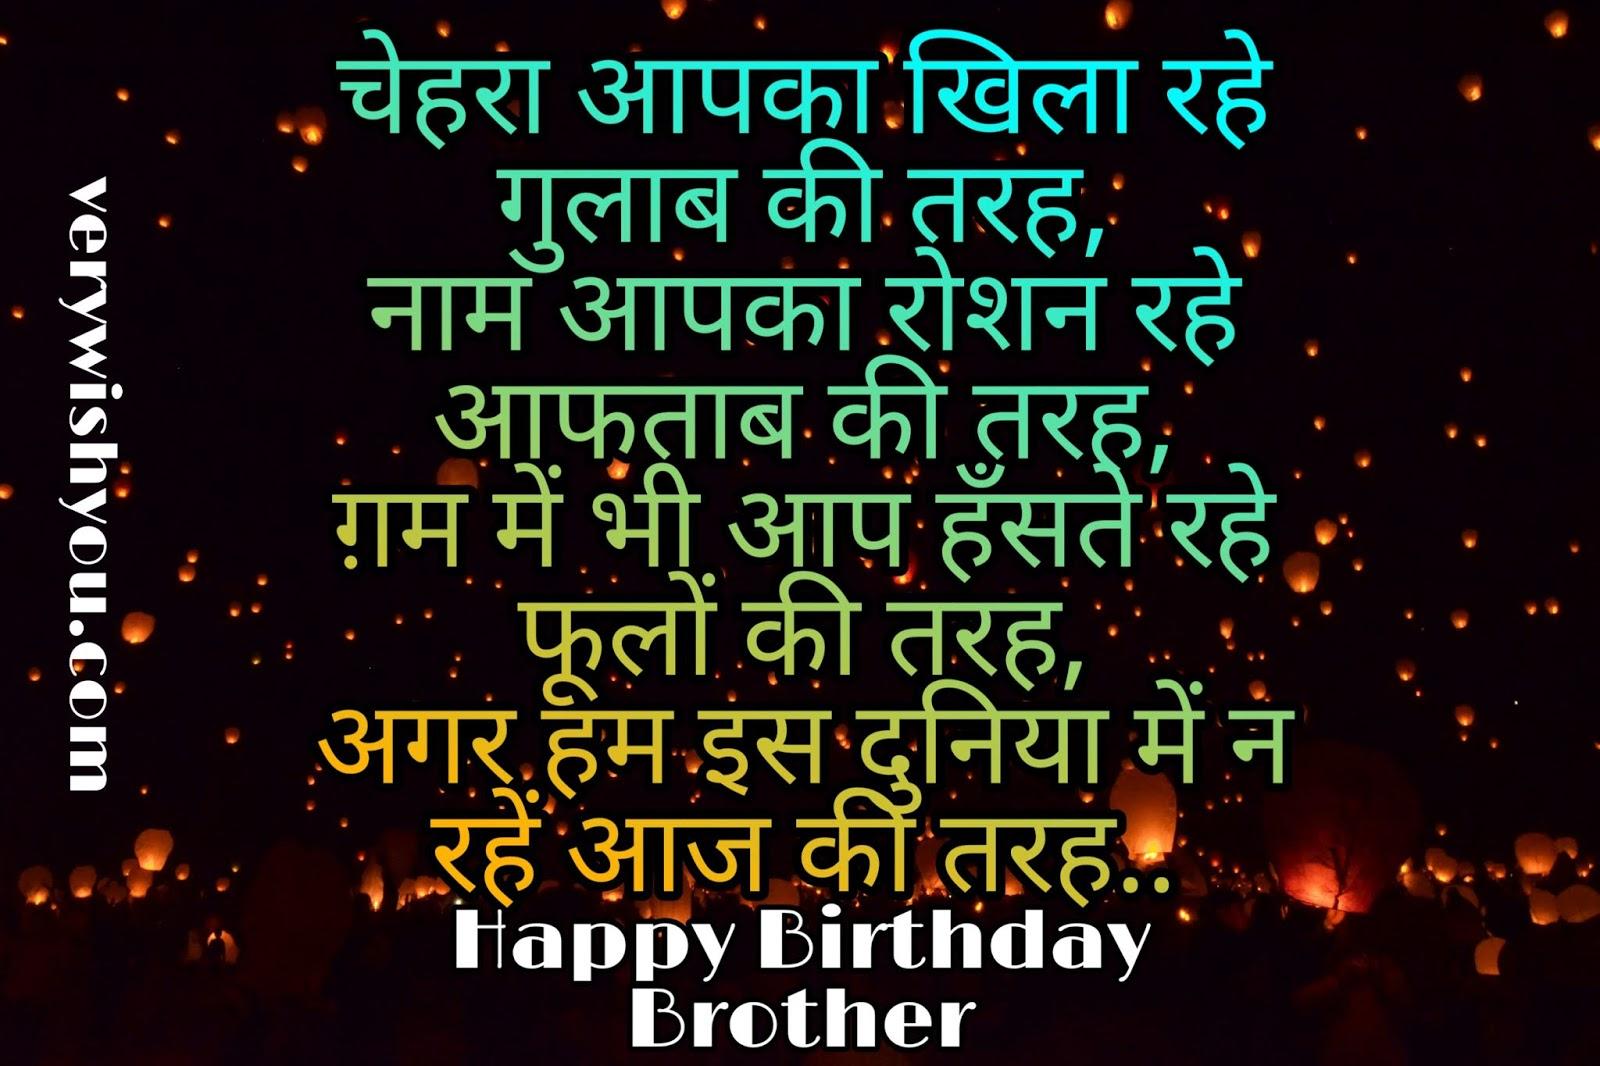 Birthday shayari in hindi for brother